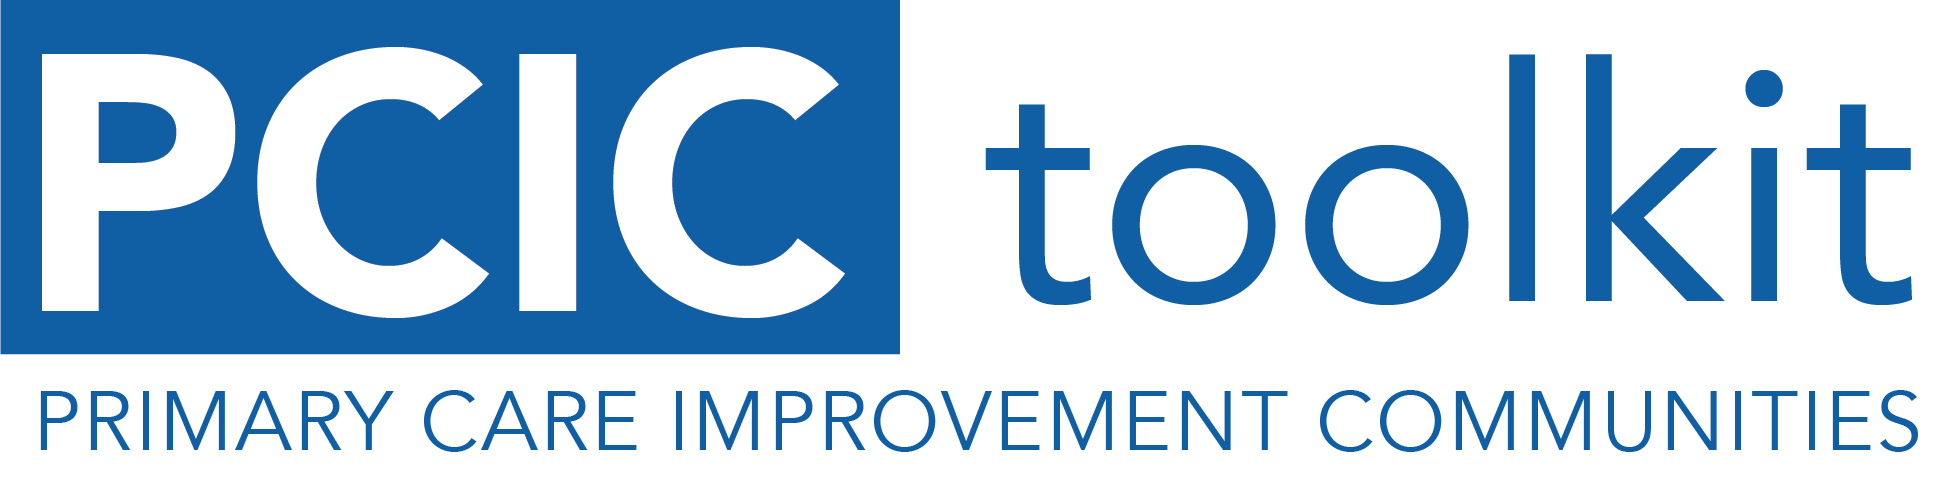 PCIC toolkit logo.png